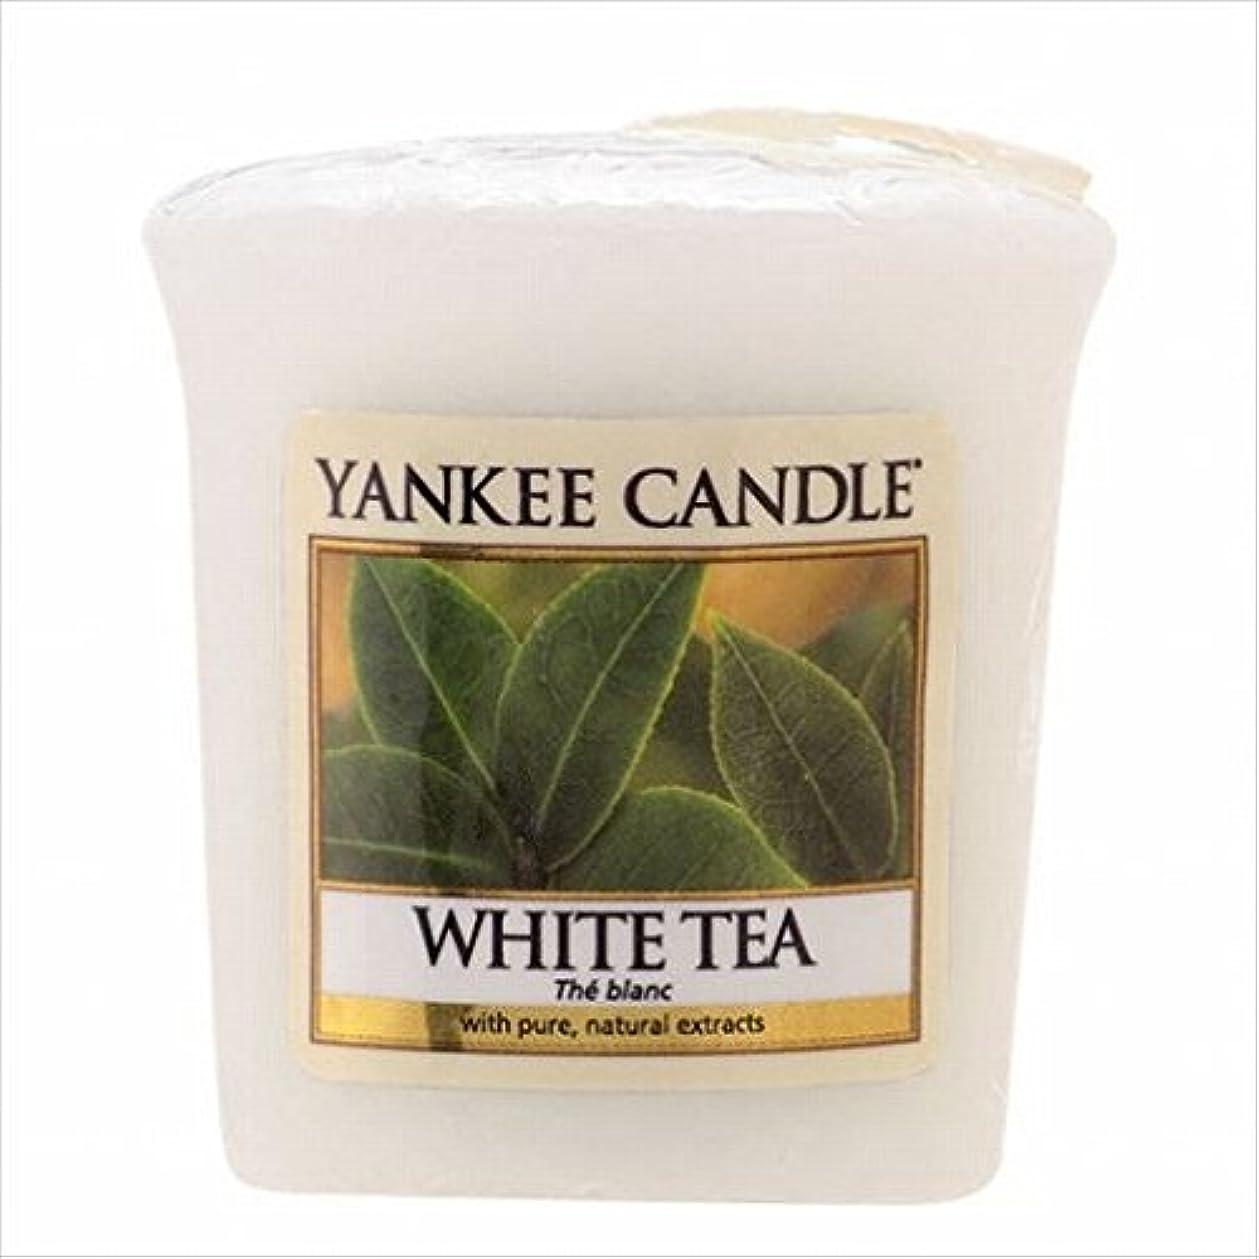 汚れた反射ホテルヤンキーキャンドル(YANKEE CANDLE) YANKEE CANDLE サンプラー 「 ホワイトティー 」6個セット